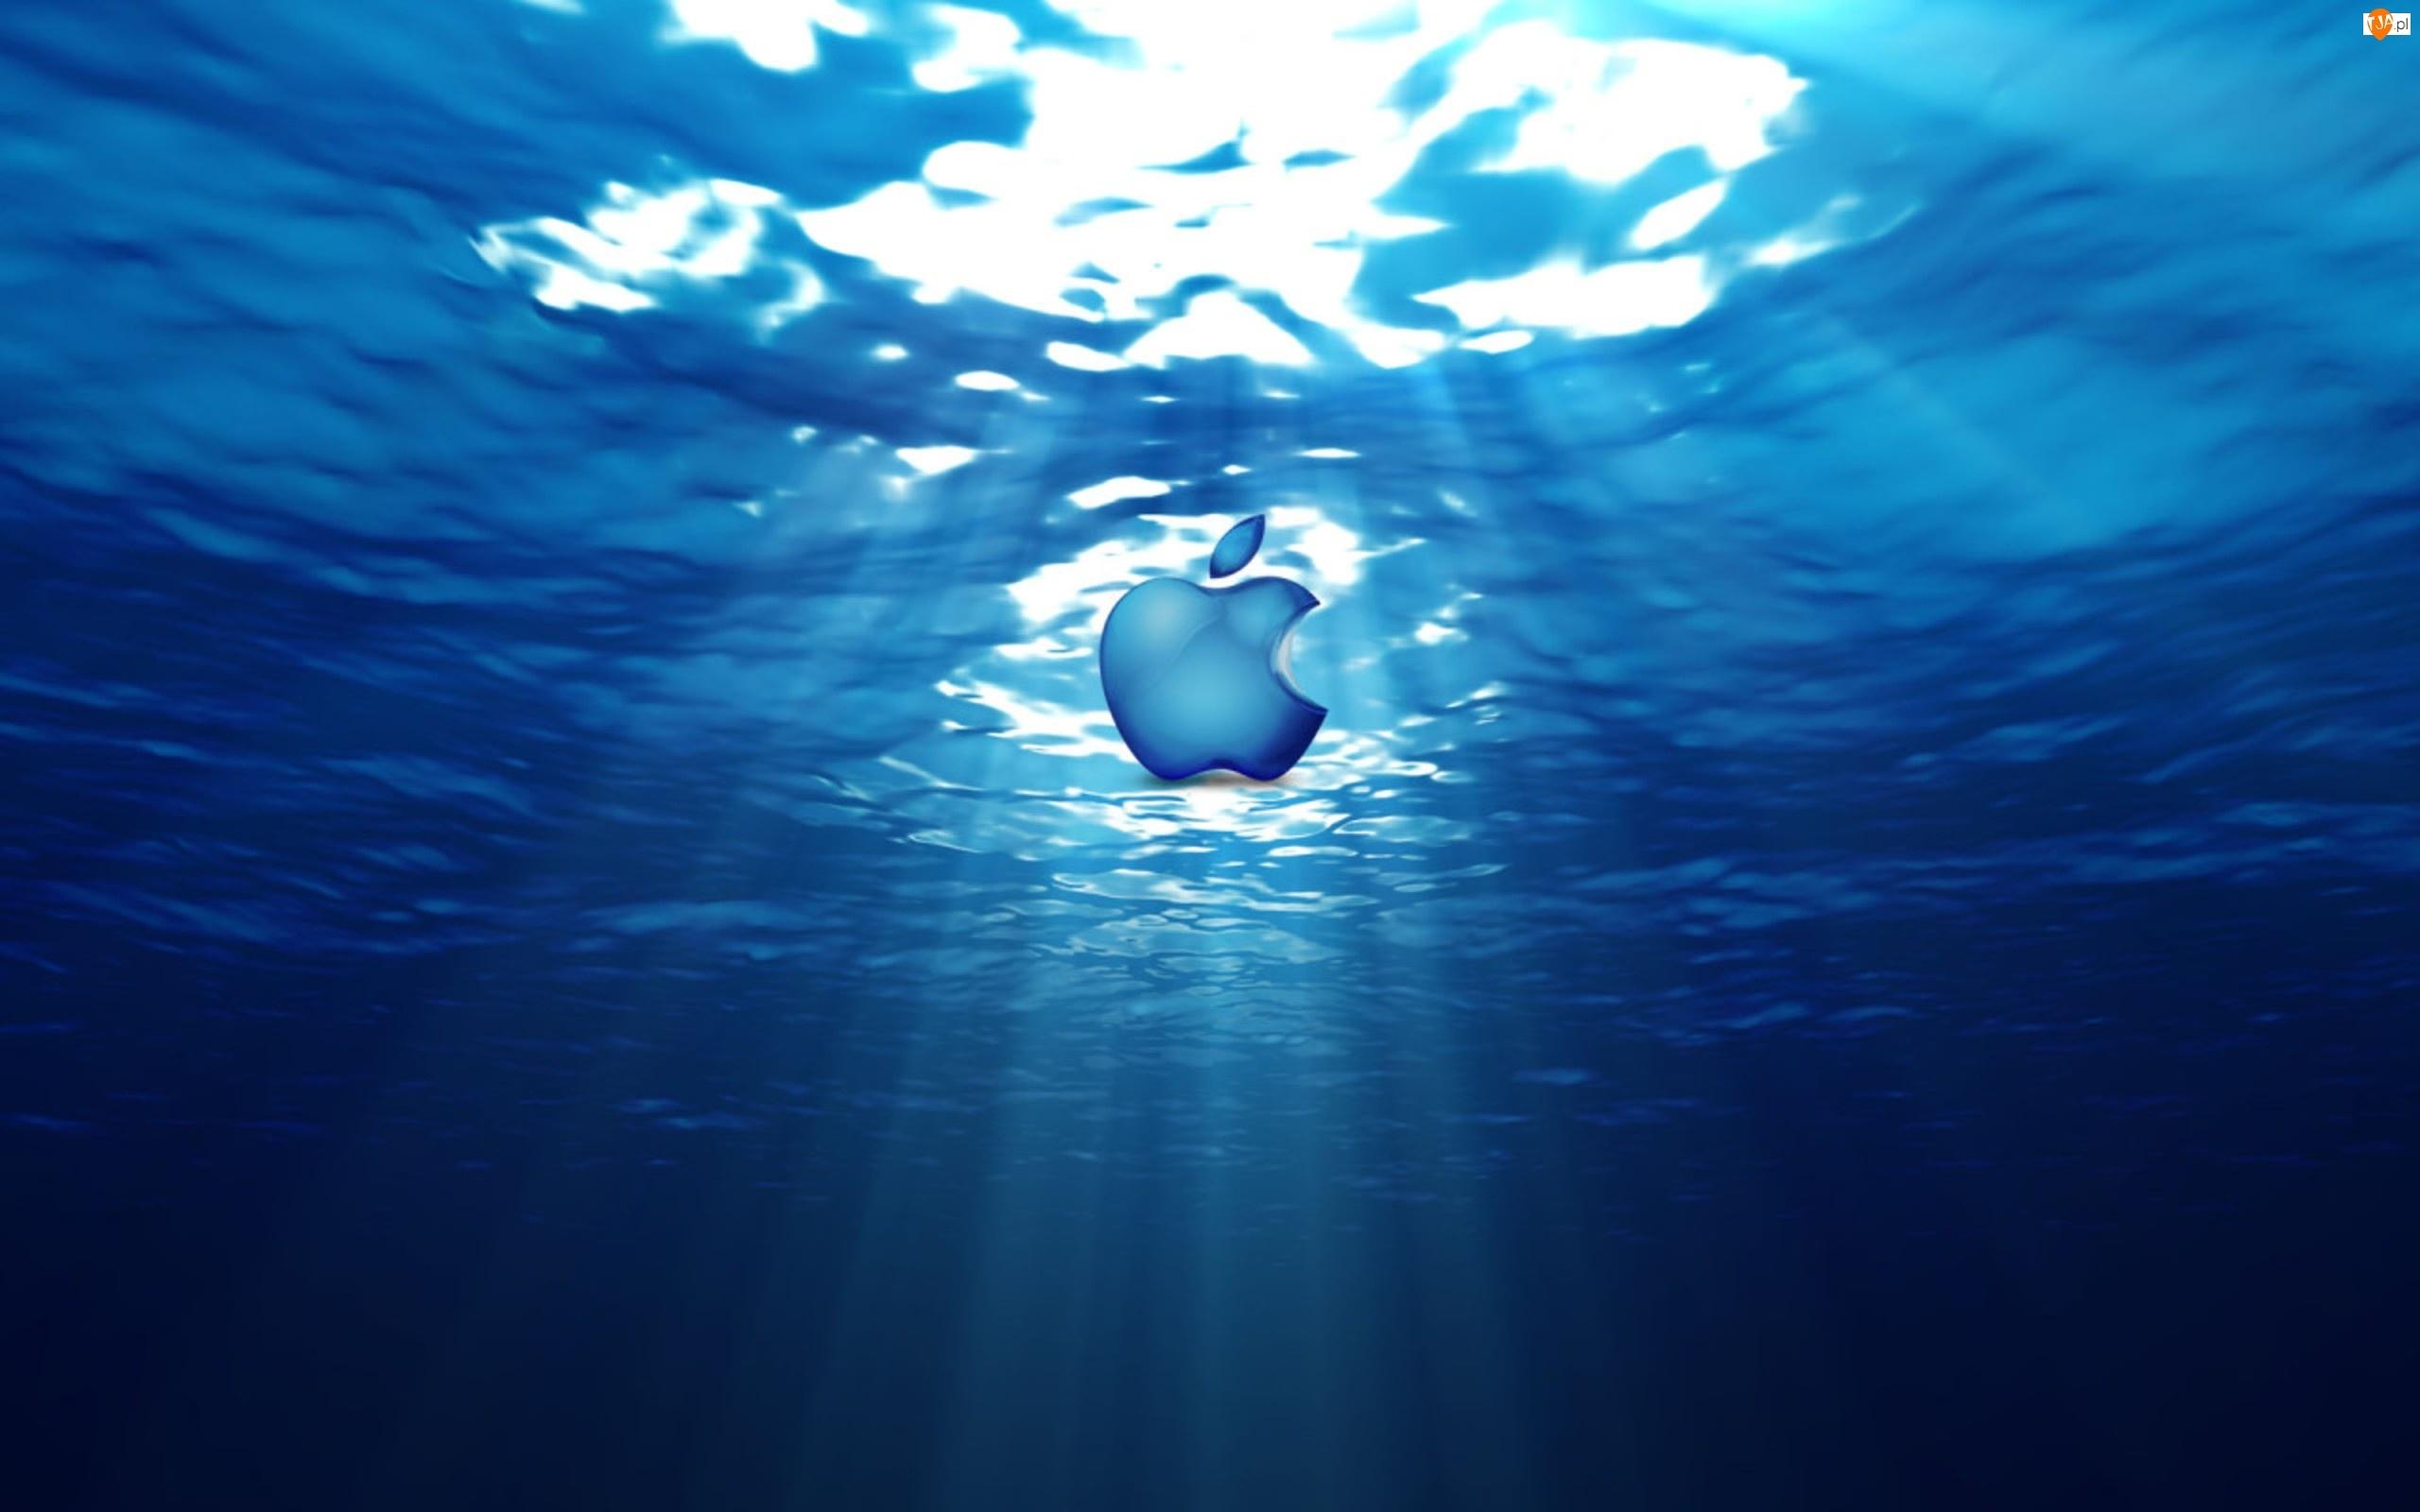 Apple, Podwodne, Logo